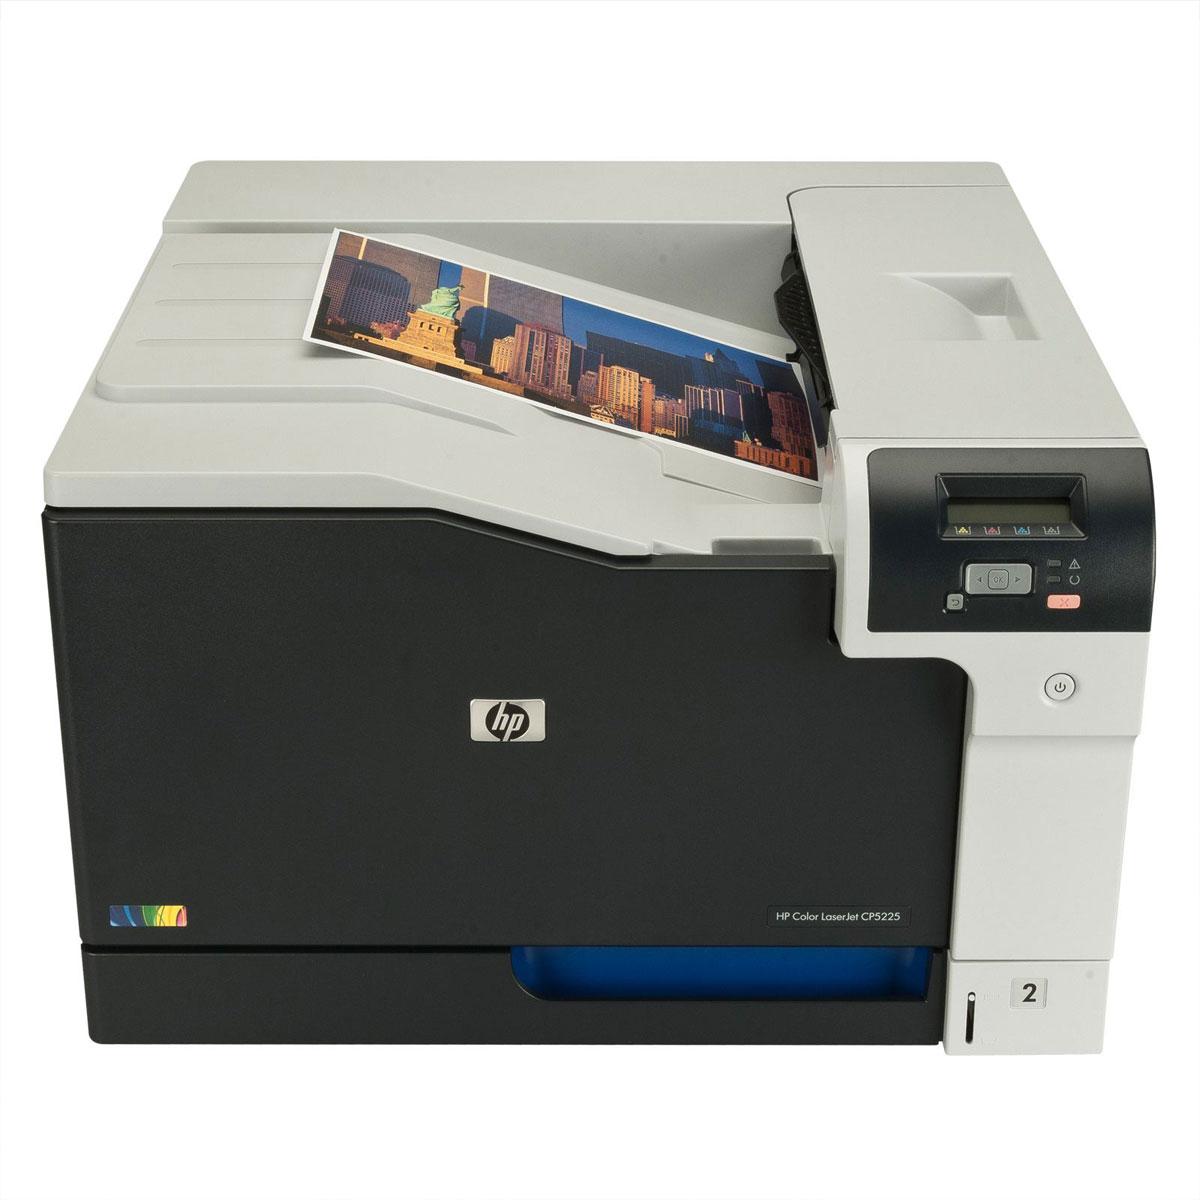 hp laserjet cp5225 imprimante laser couleur comparer. Black Bedroom Furniture Sets. Home Design Ideas